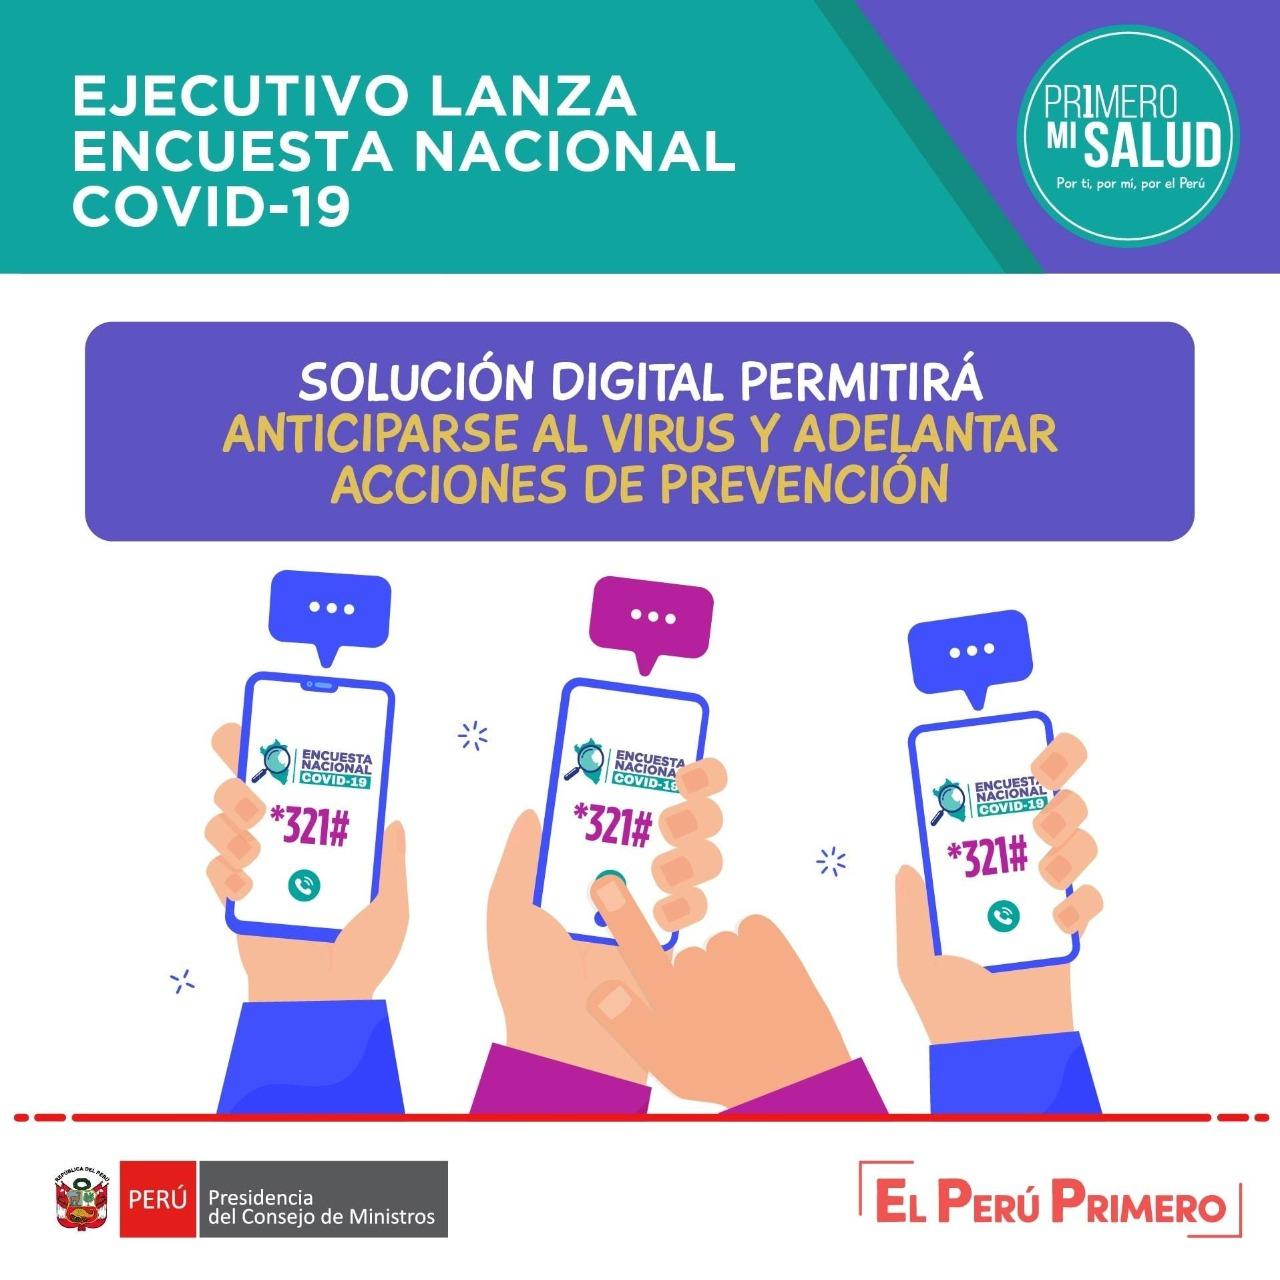 Encuesta Nacional COVID-19